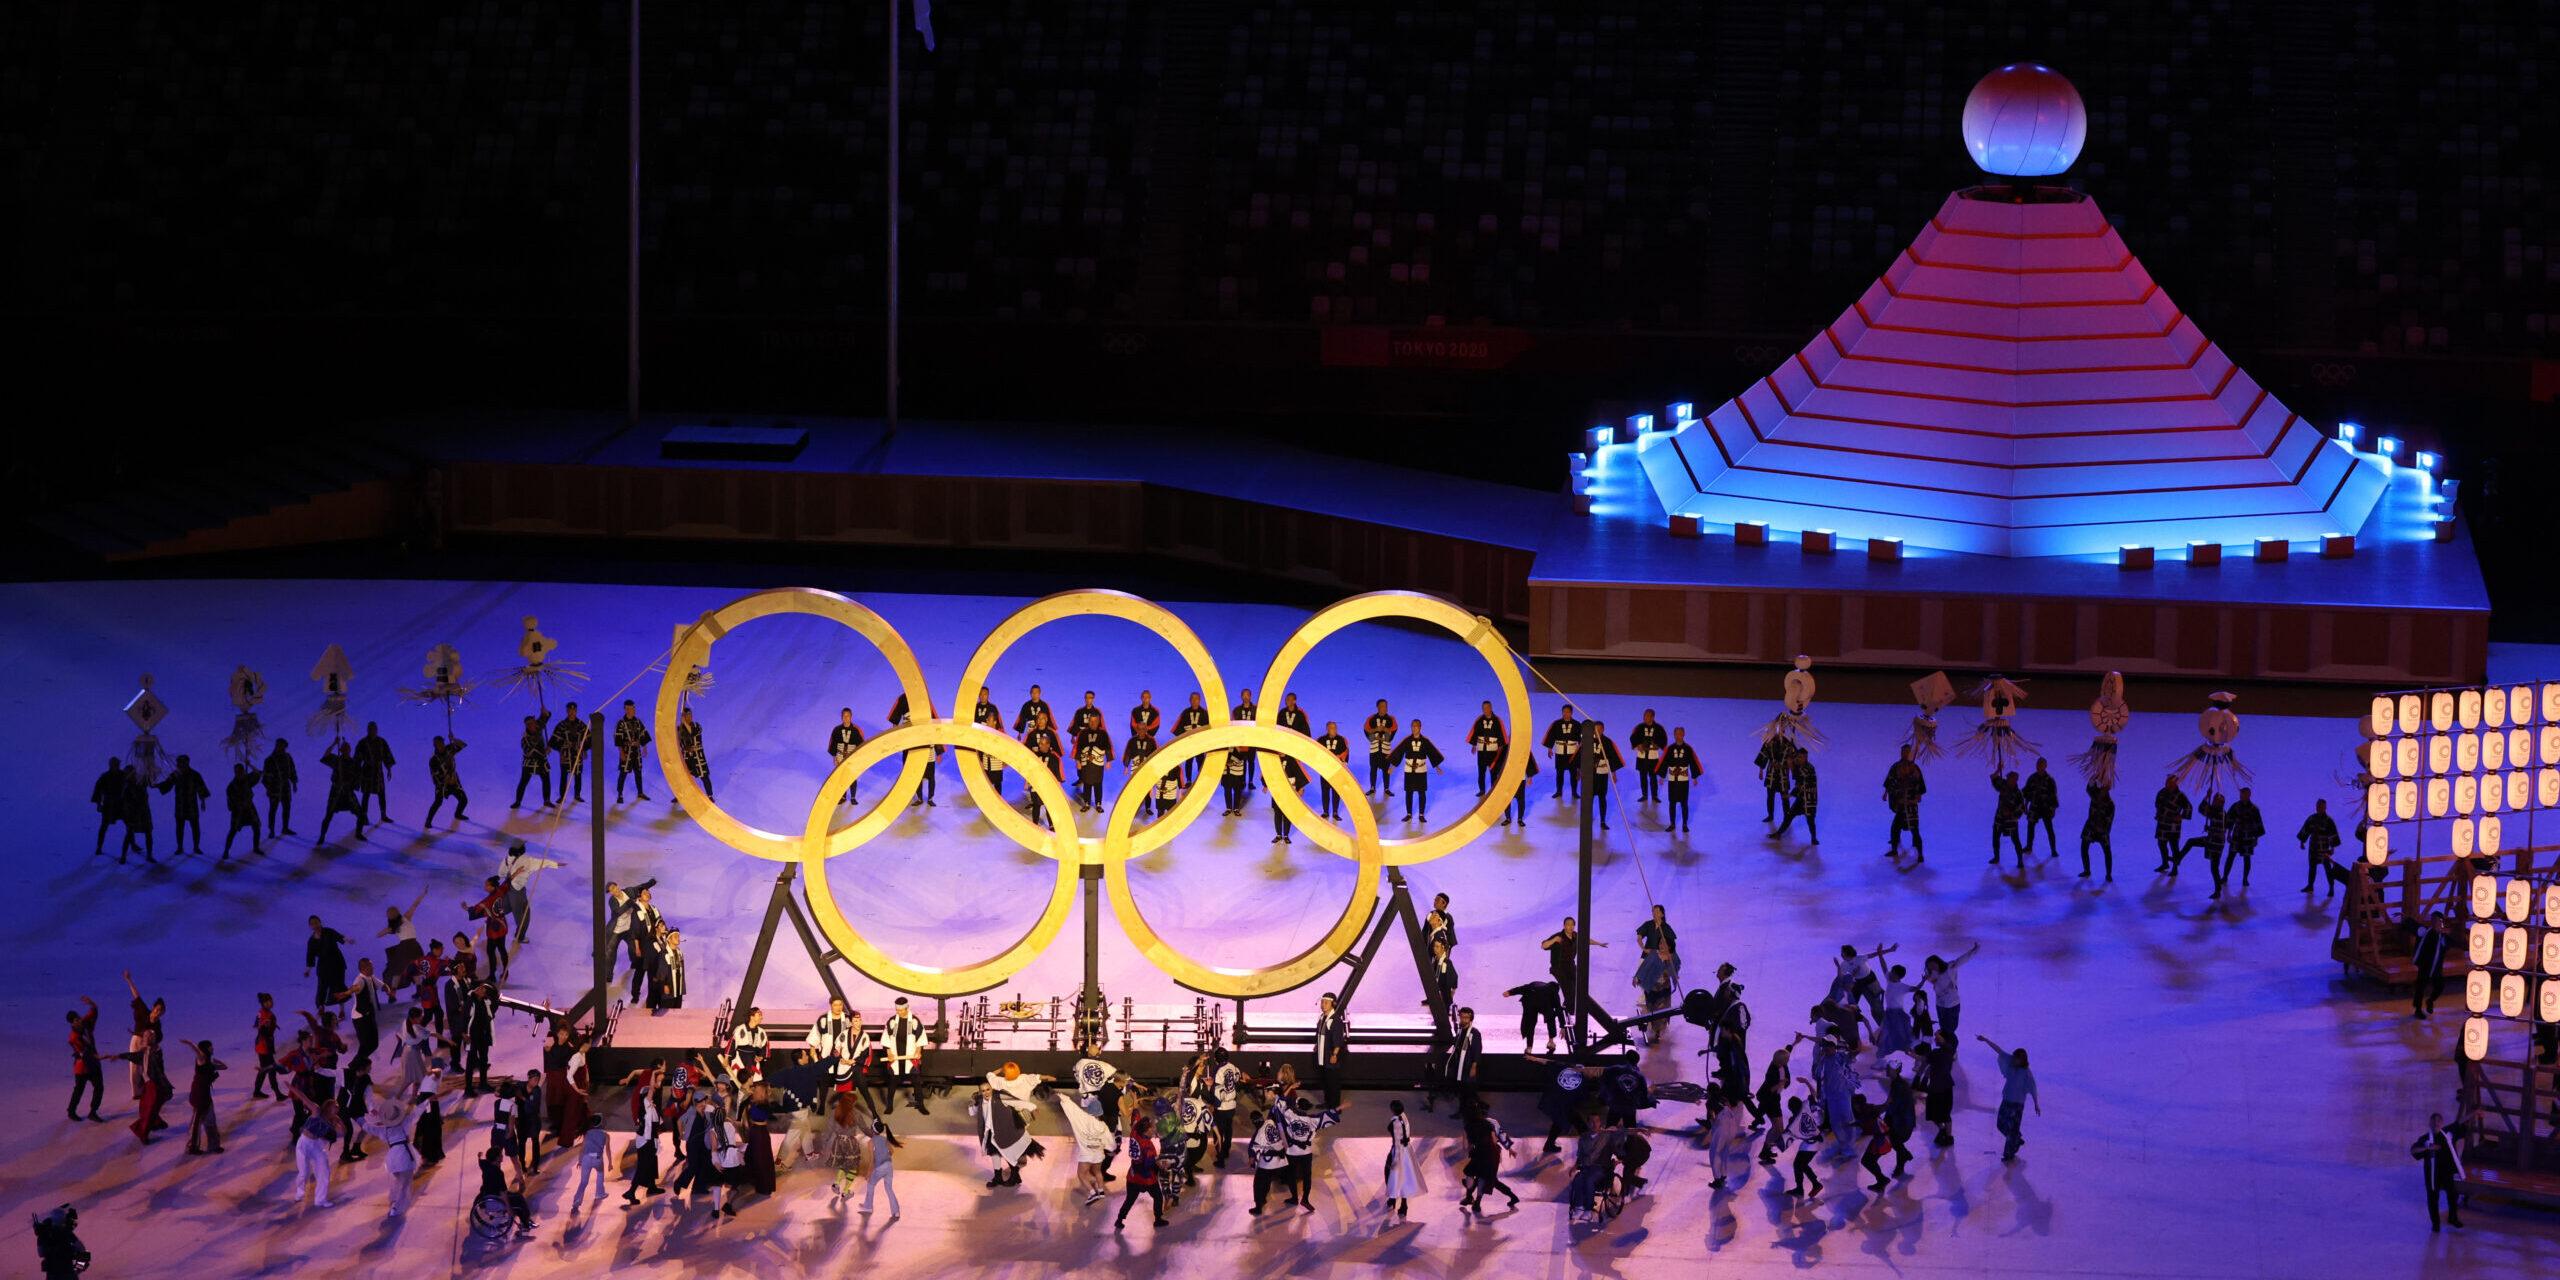 Les anelles olímpiques, a la cerimònia d'inauguració de Tòquio 2020 | Europa Press